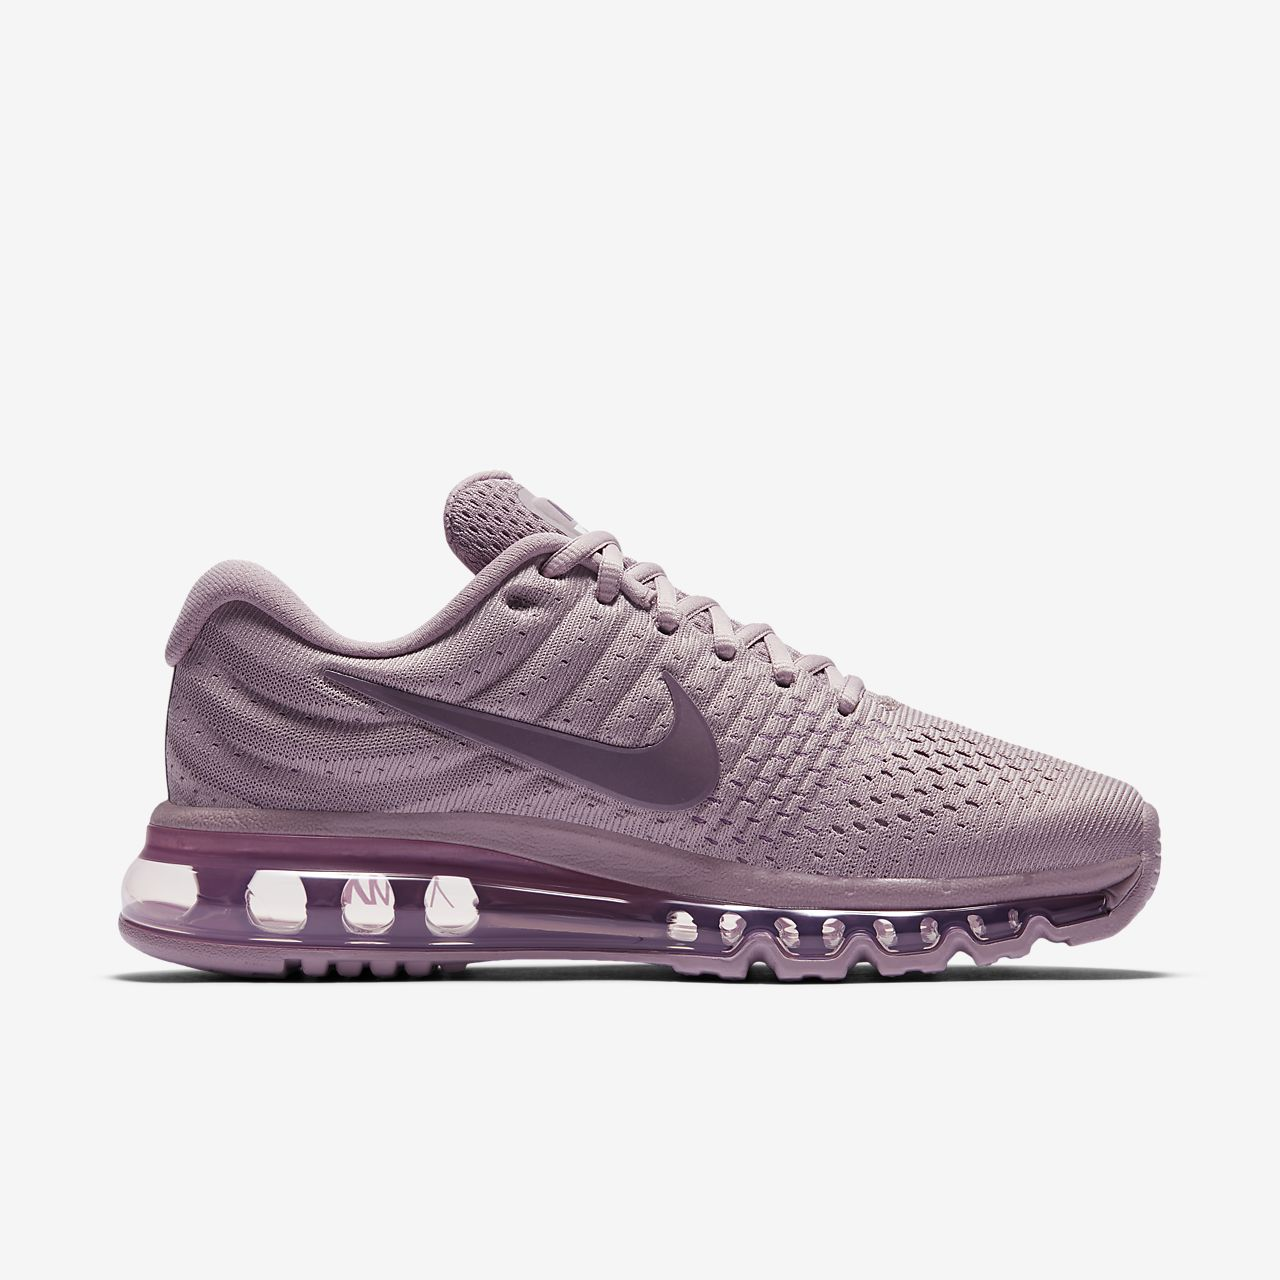 nike donna scarpe 2017 air max